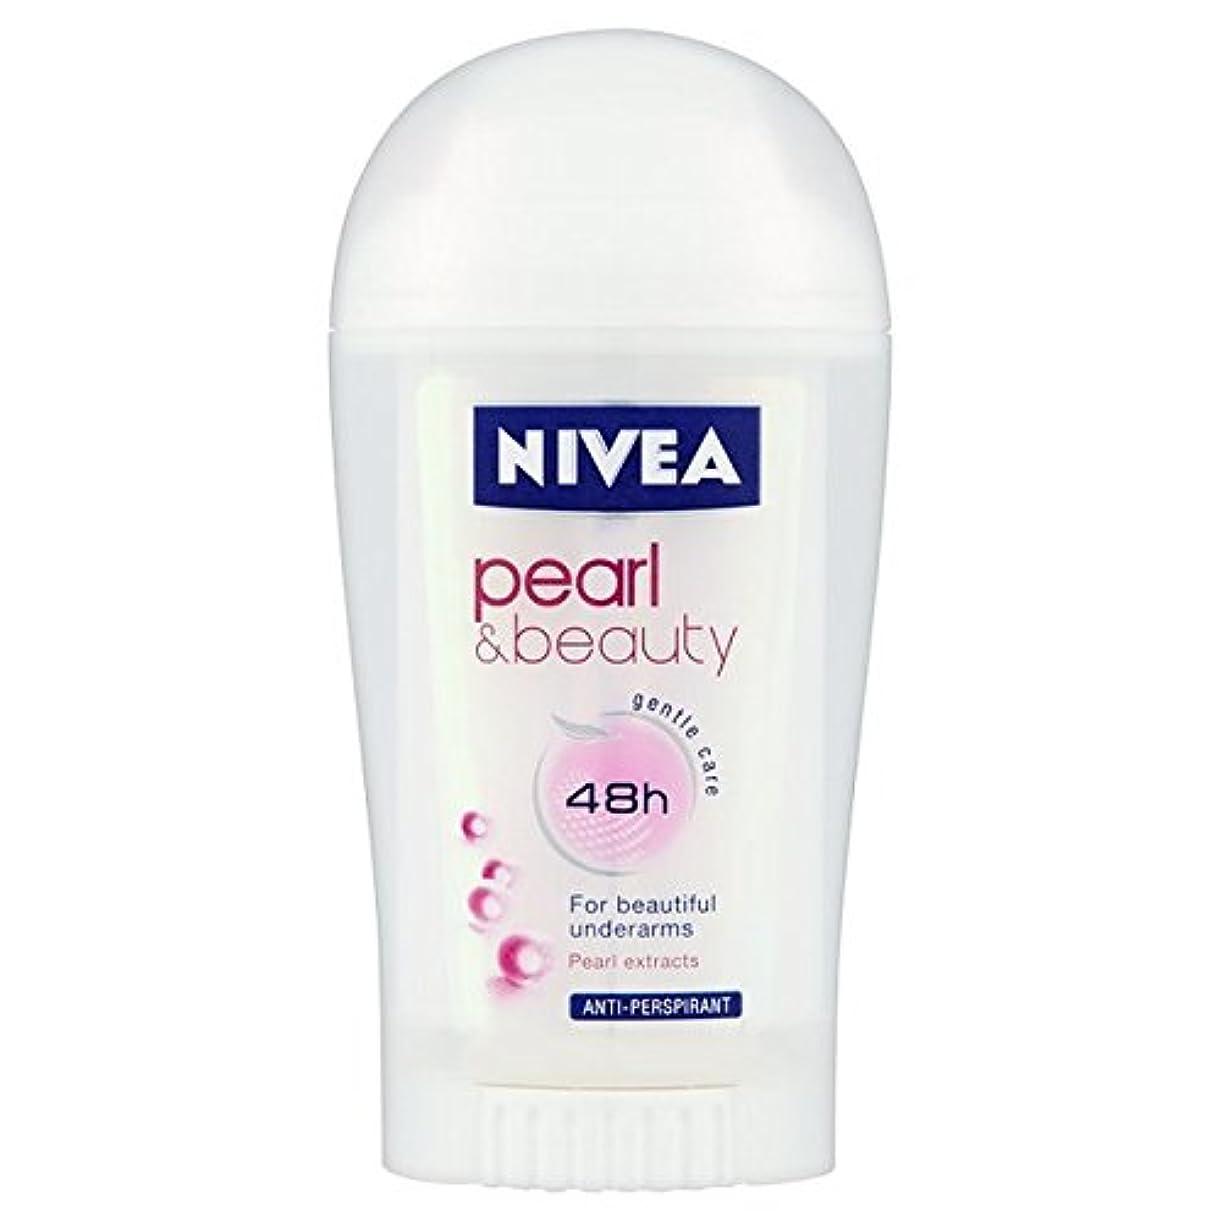 居眠りする汚染されたまとめるニベア真珠&ビューティー制汗デオドラントスティック40ミリリットル x2 - Nivea Pearl & Beauty Anti-Perspirant Deodorant Stick 40ml (Pack of 2) [...